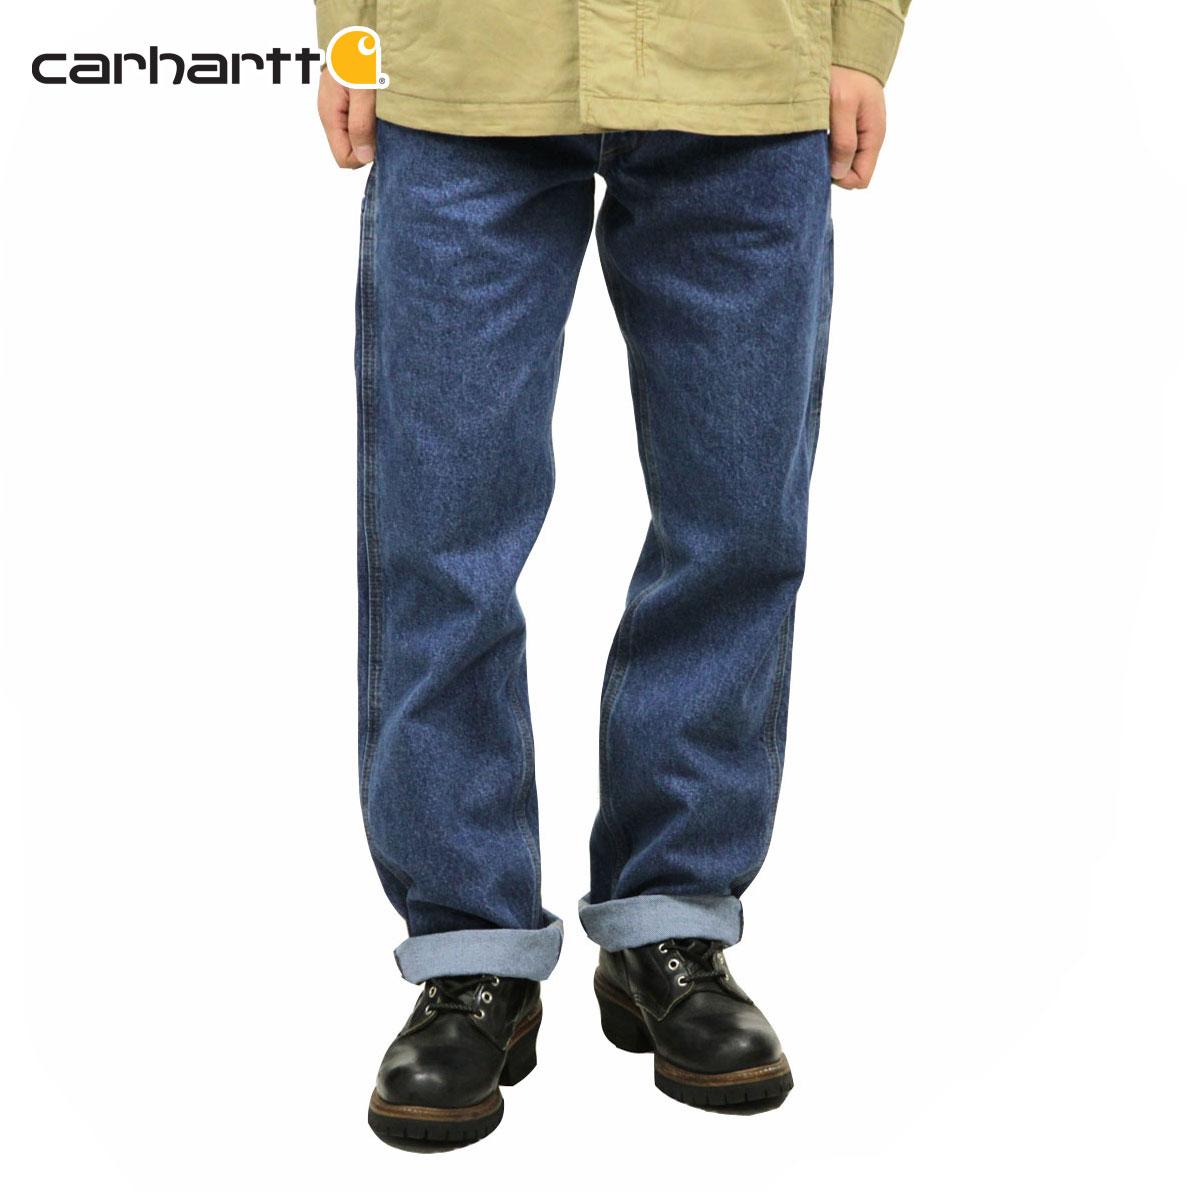 メンズファッション, ズボン・パンツ 10 1119 20:001126 01:59 CARHARTT RELAXED-FIT CARPENTER JEAN B171 - DST DARKSTONE